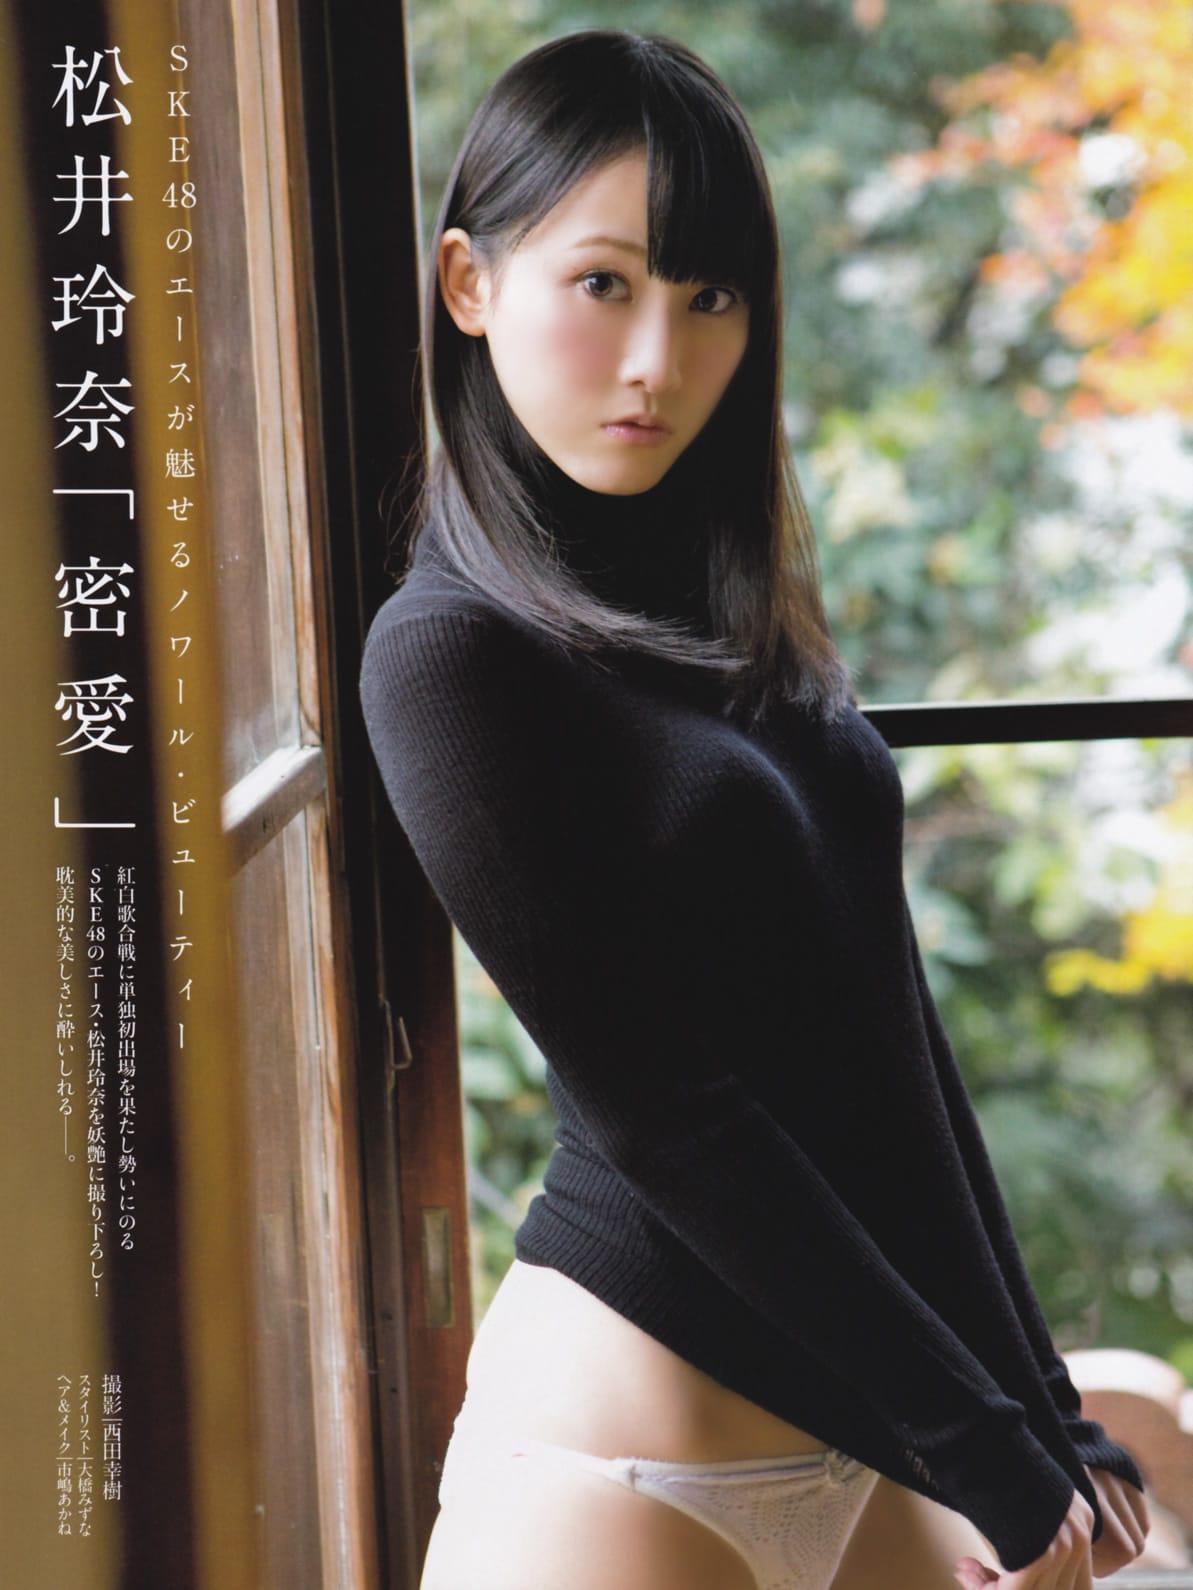 藤田亮子 五十路妻の芳醇な香りとむさ苦しさが交わるのアダルト動画